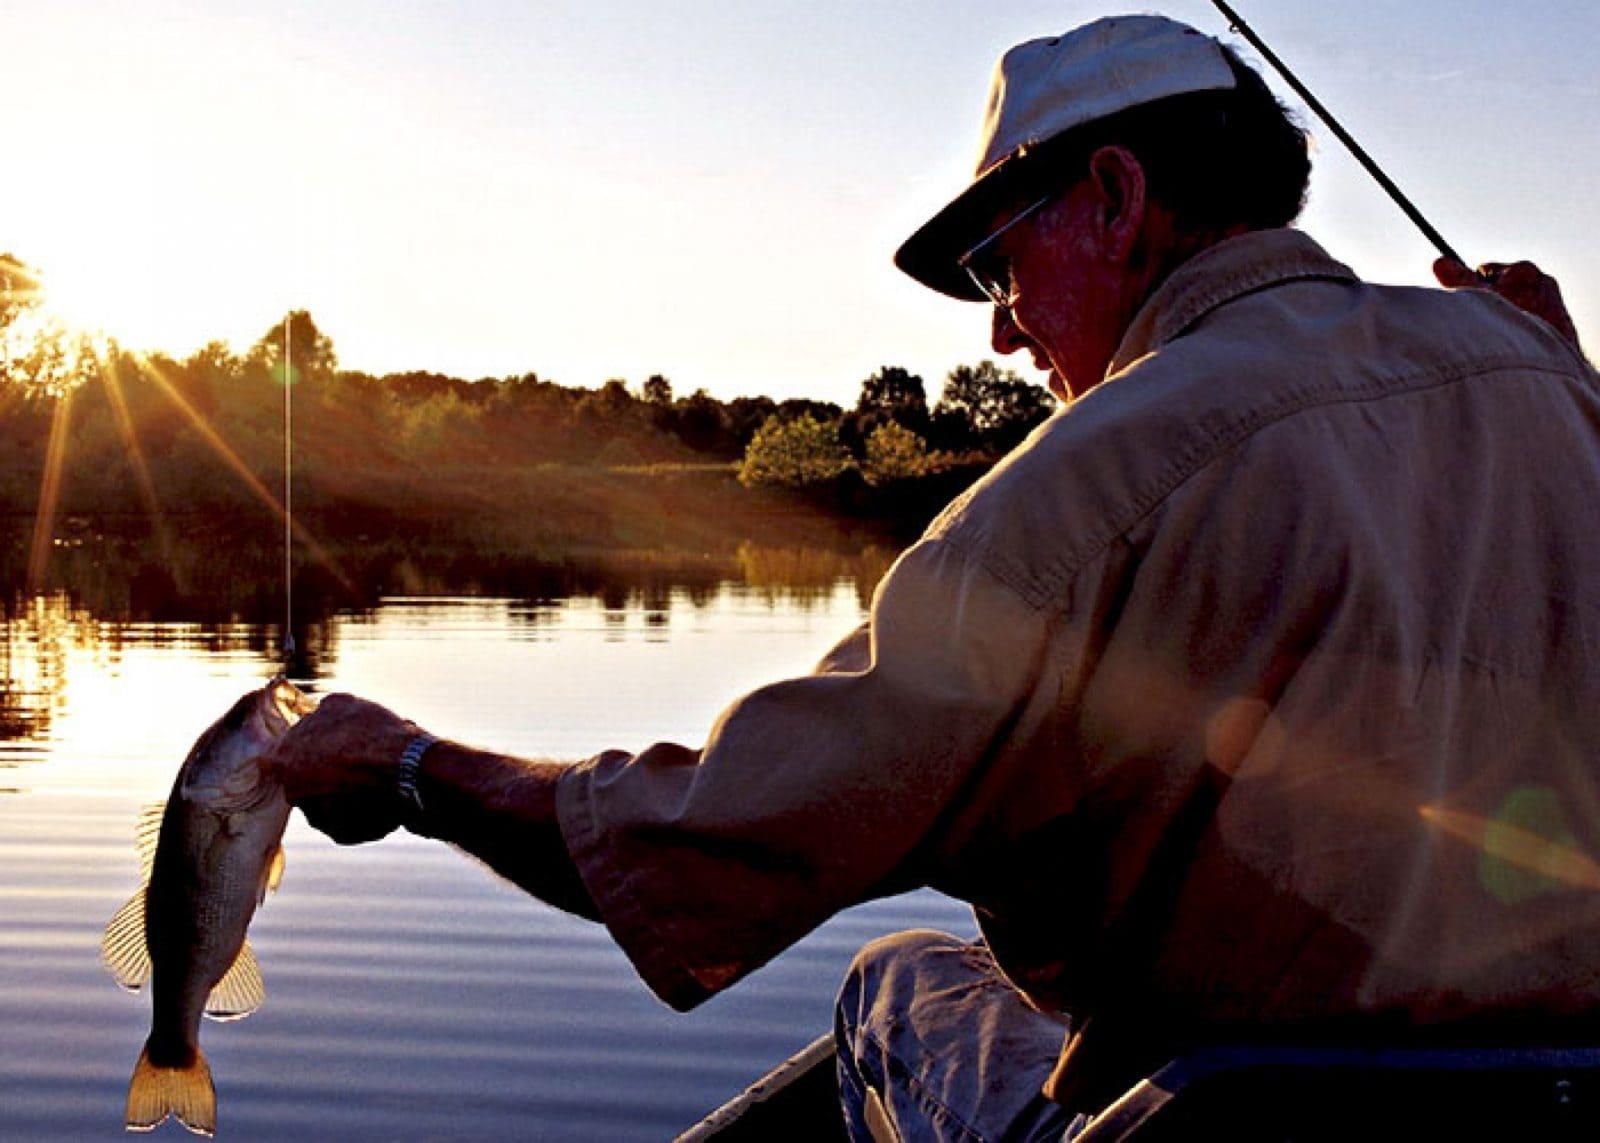 Рыба. Вудзіць рыбу ў Сусветны дзень рыбалоўства.